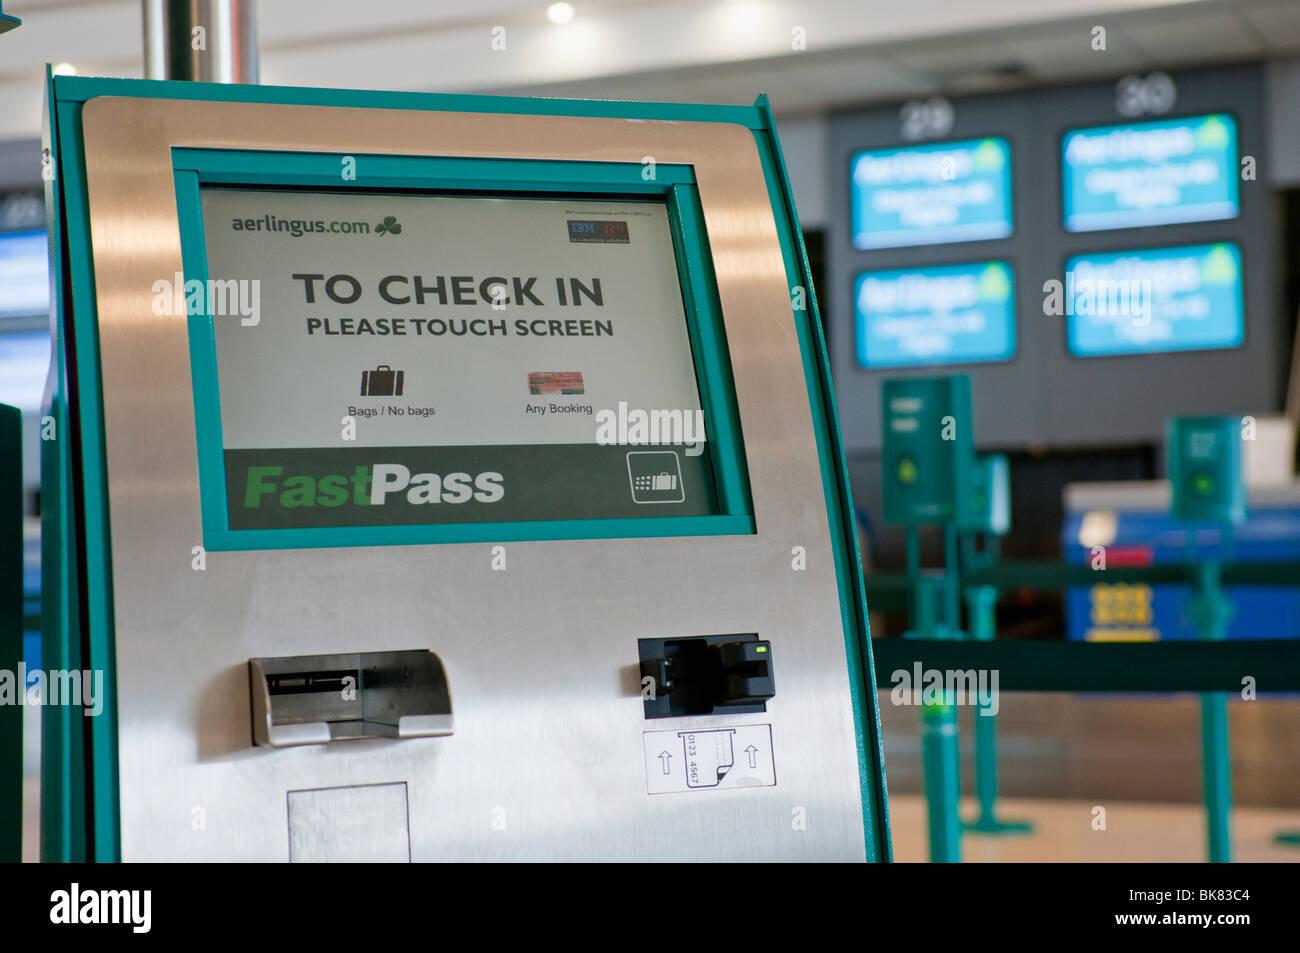 Terminal À Dans Lingus Le Aer L'enregistrement Automatique L 5jL4cRAqS3